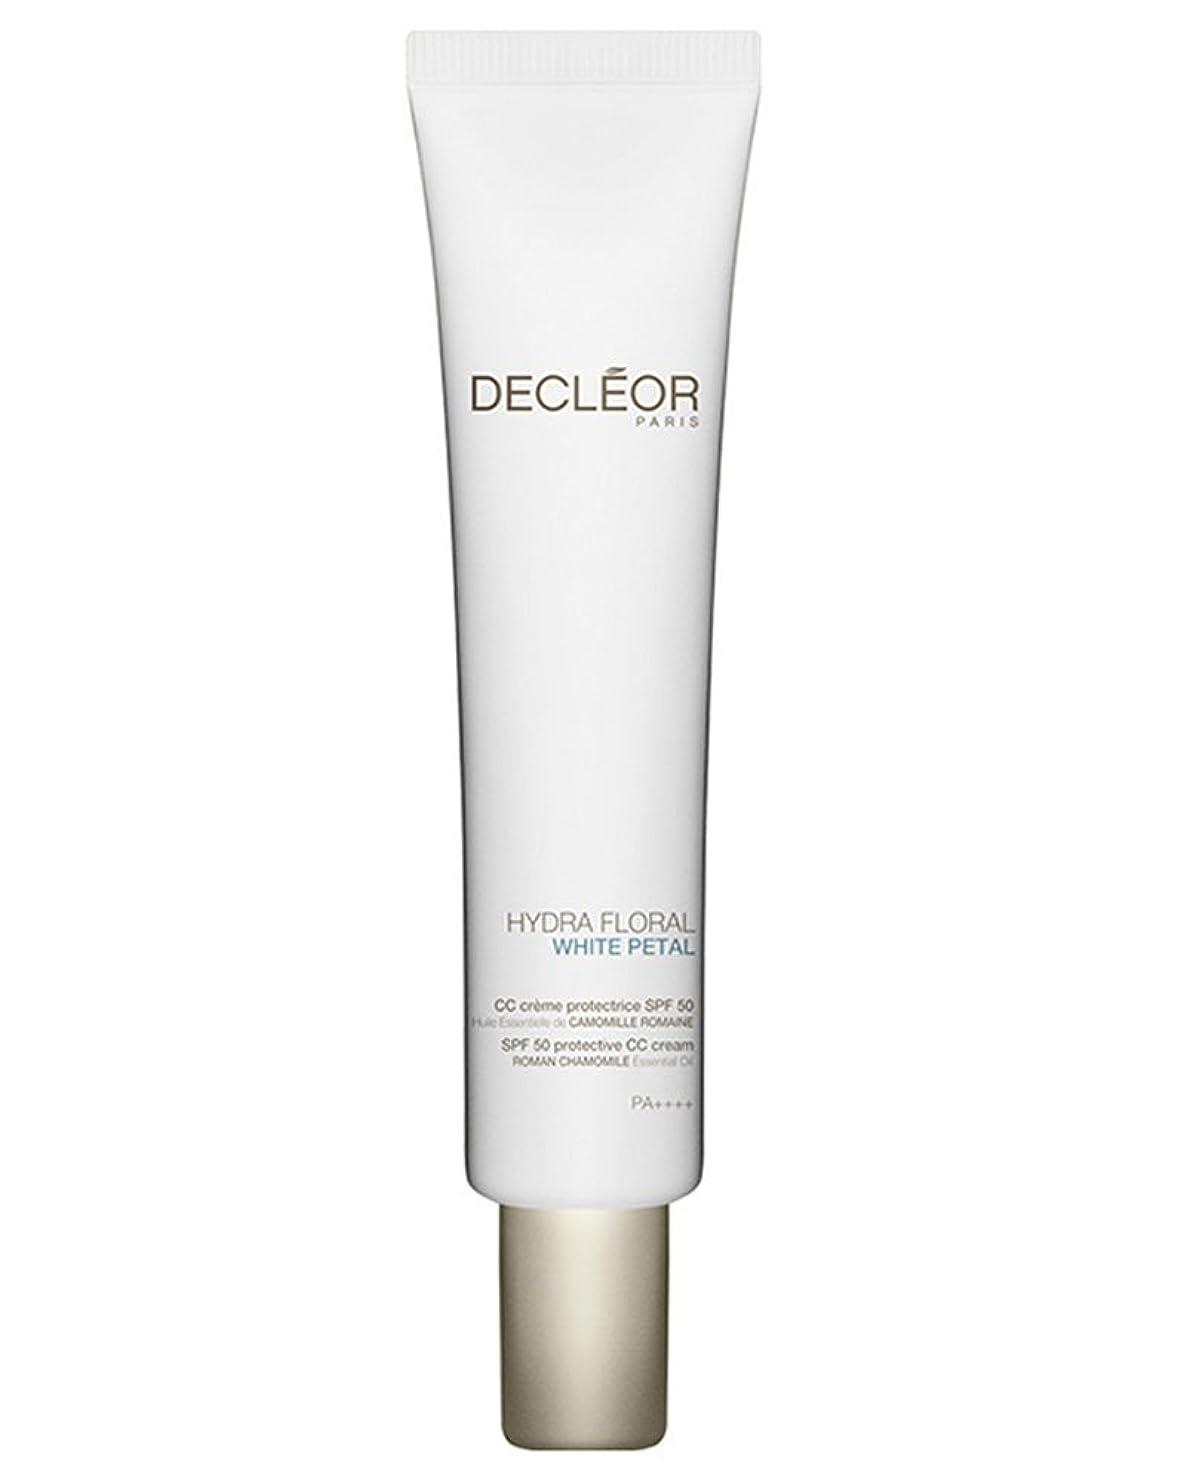 効果的に自由効率デクレオール Hydra Floral White Petal Roman Chamomile Protective CC Cream SPF50 40ml/1.3oz並行輸入品